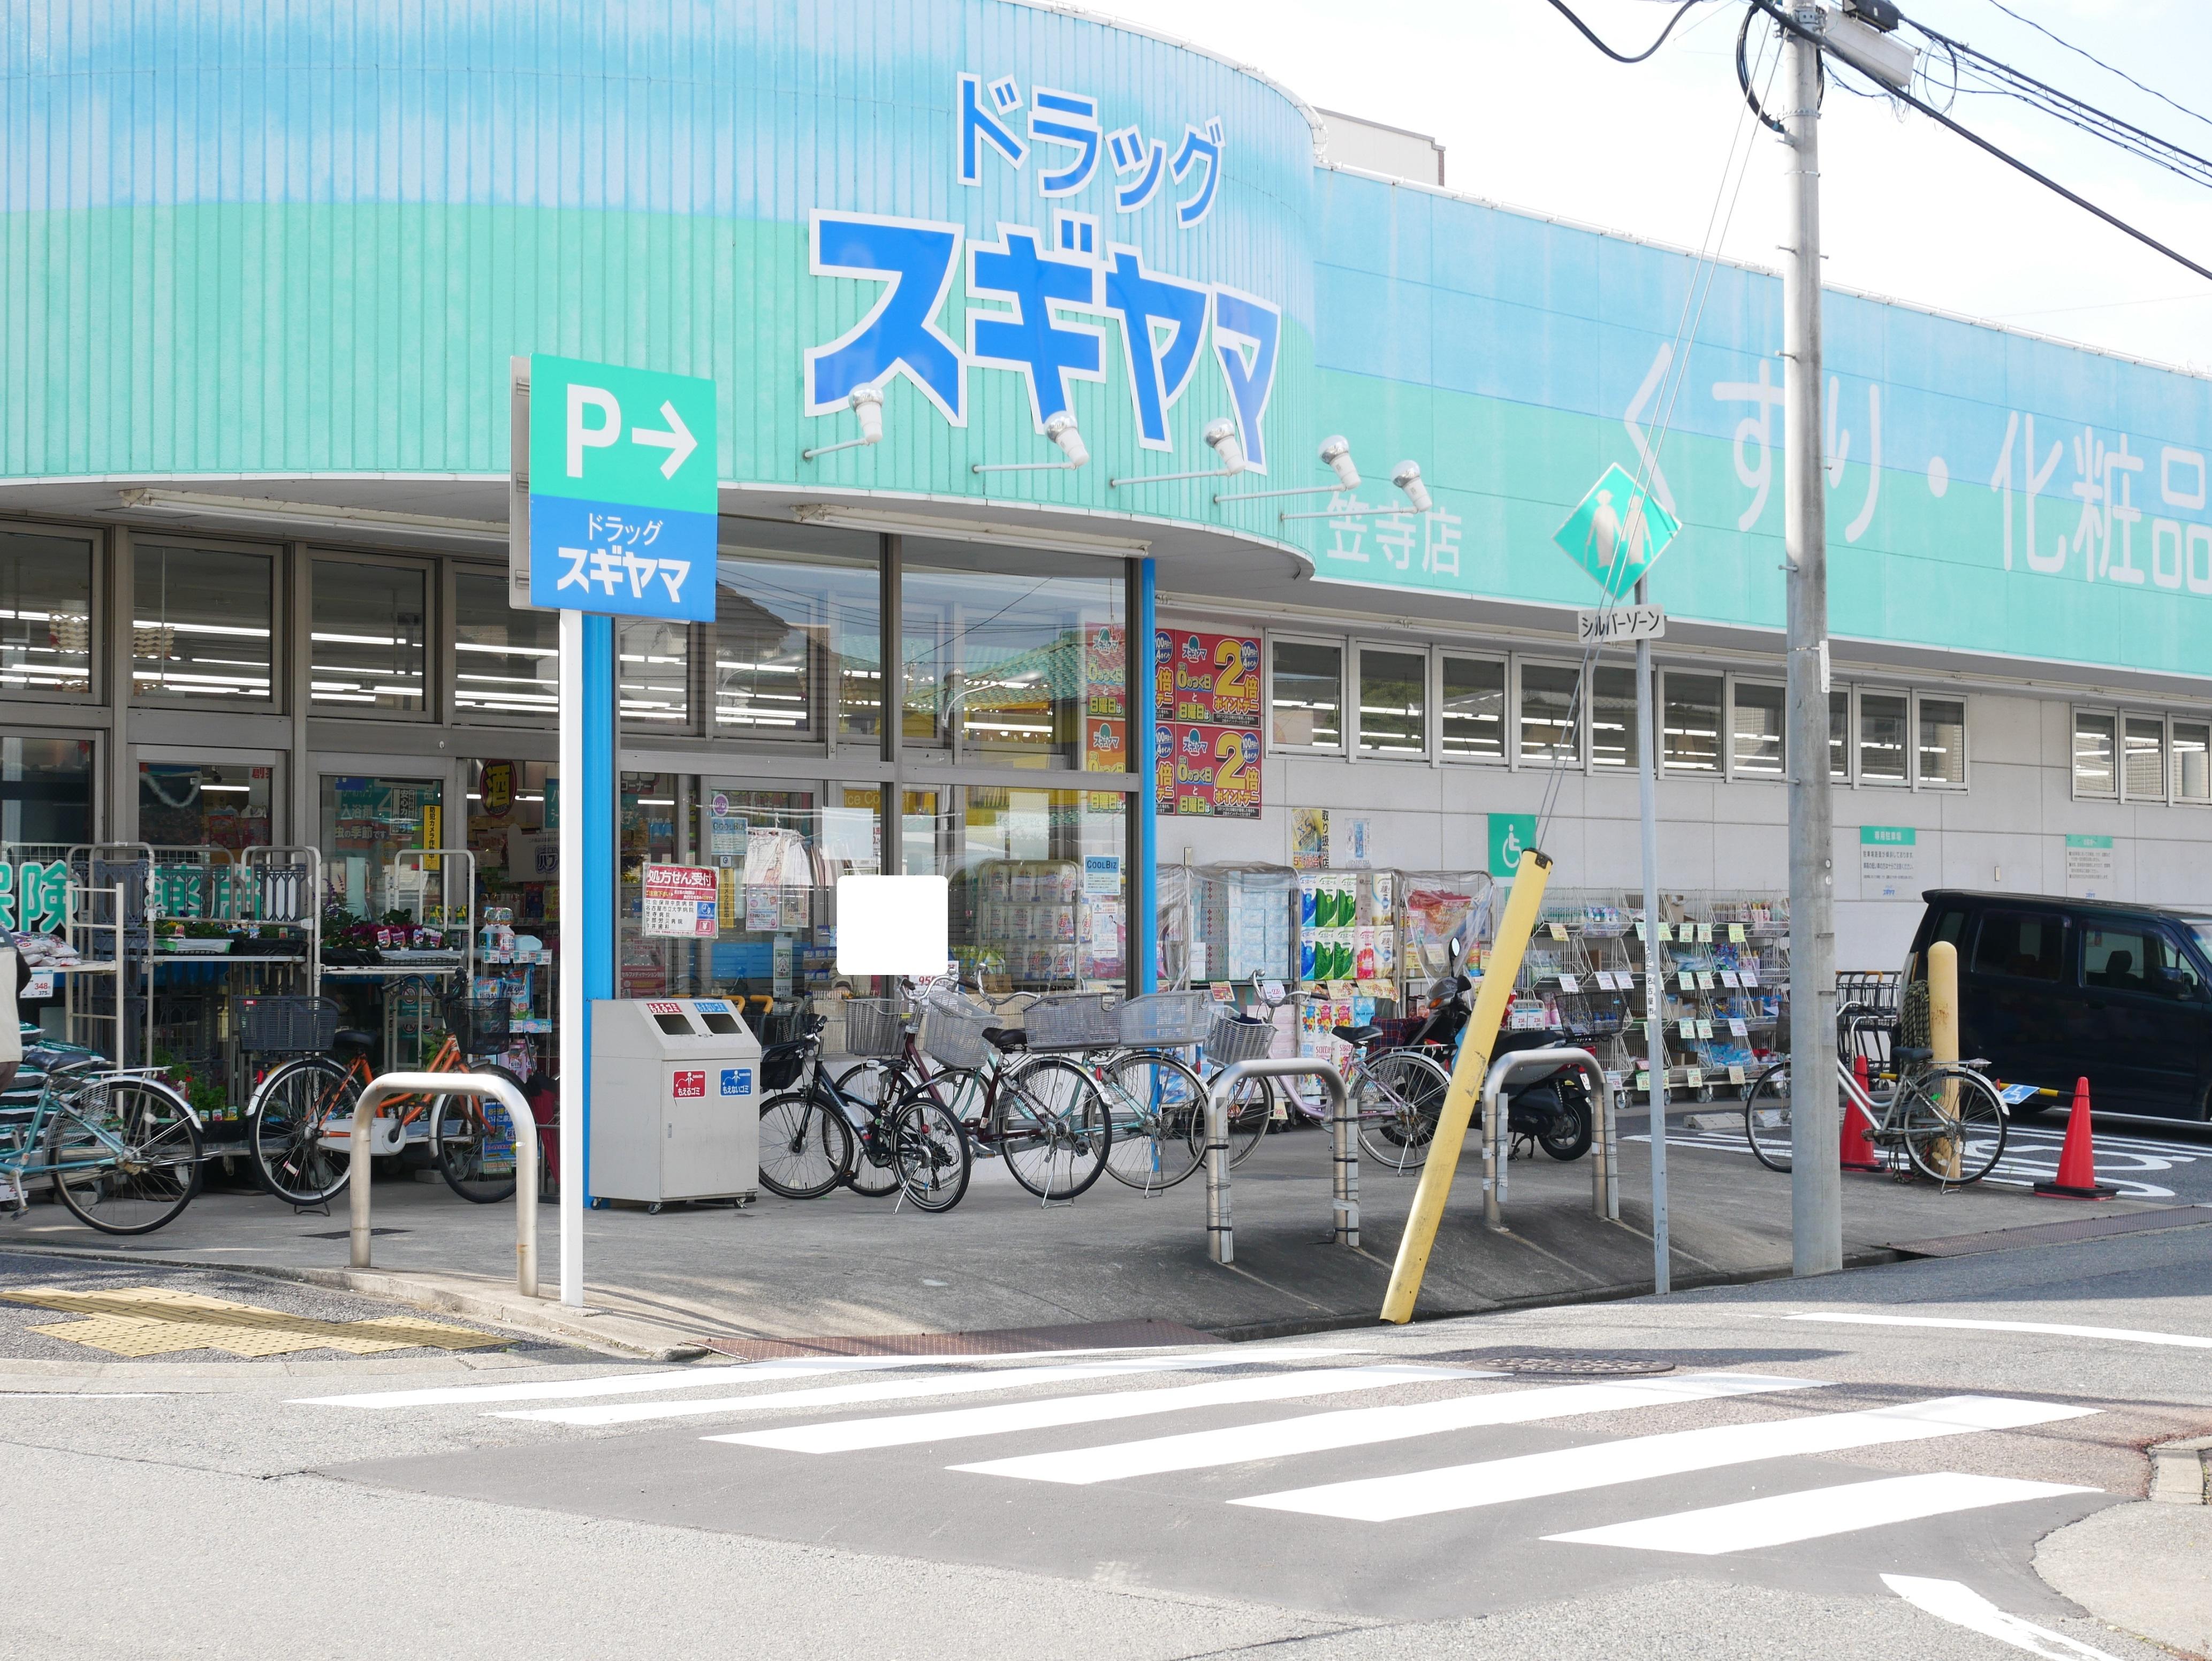 ドラックスギヤマ笠寺店